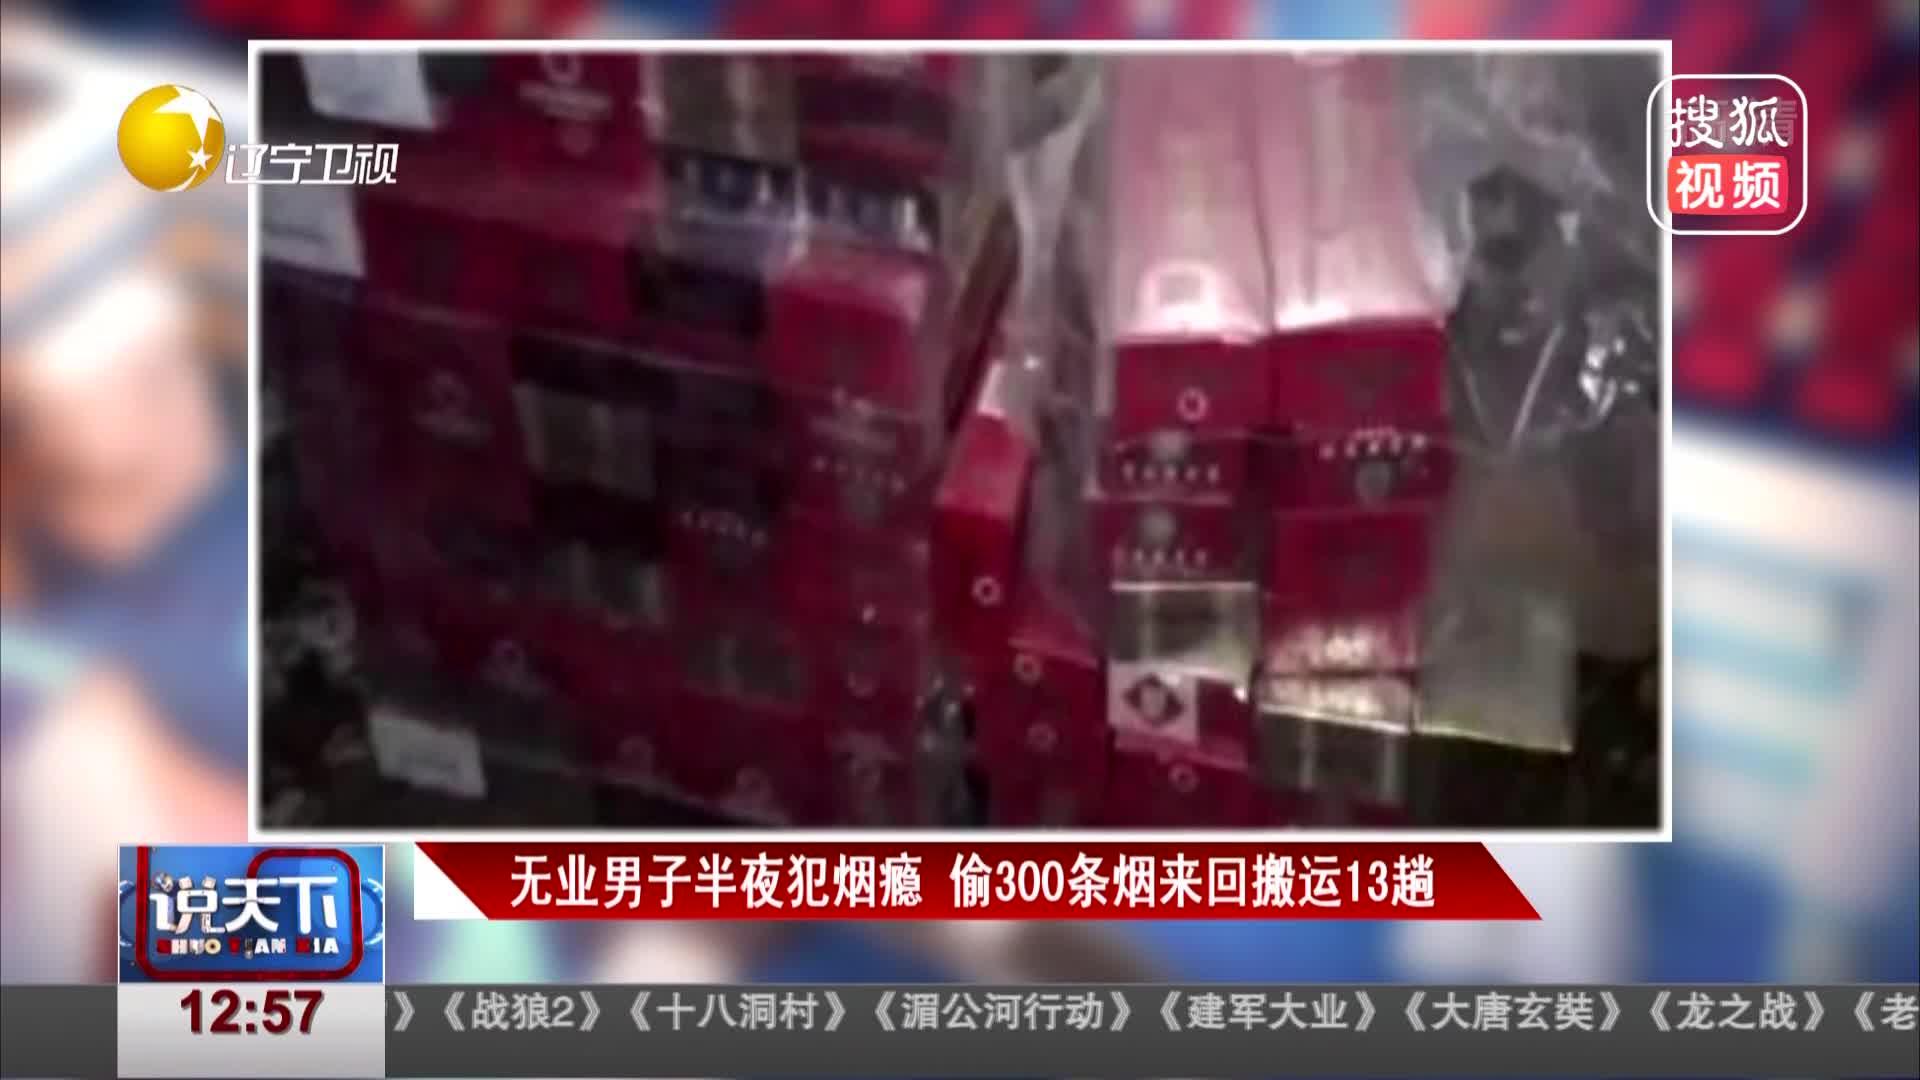 [视频]无业男子半夜犯烟瘾 偷300条烟来回搬运13趟